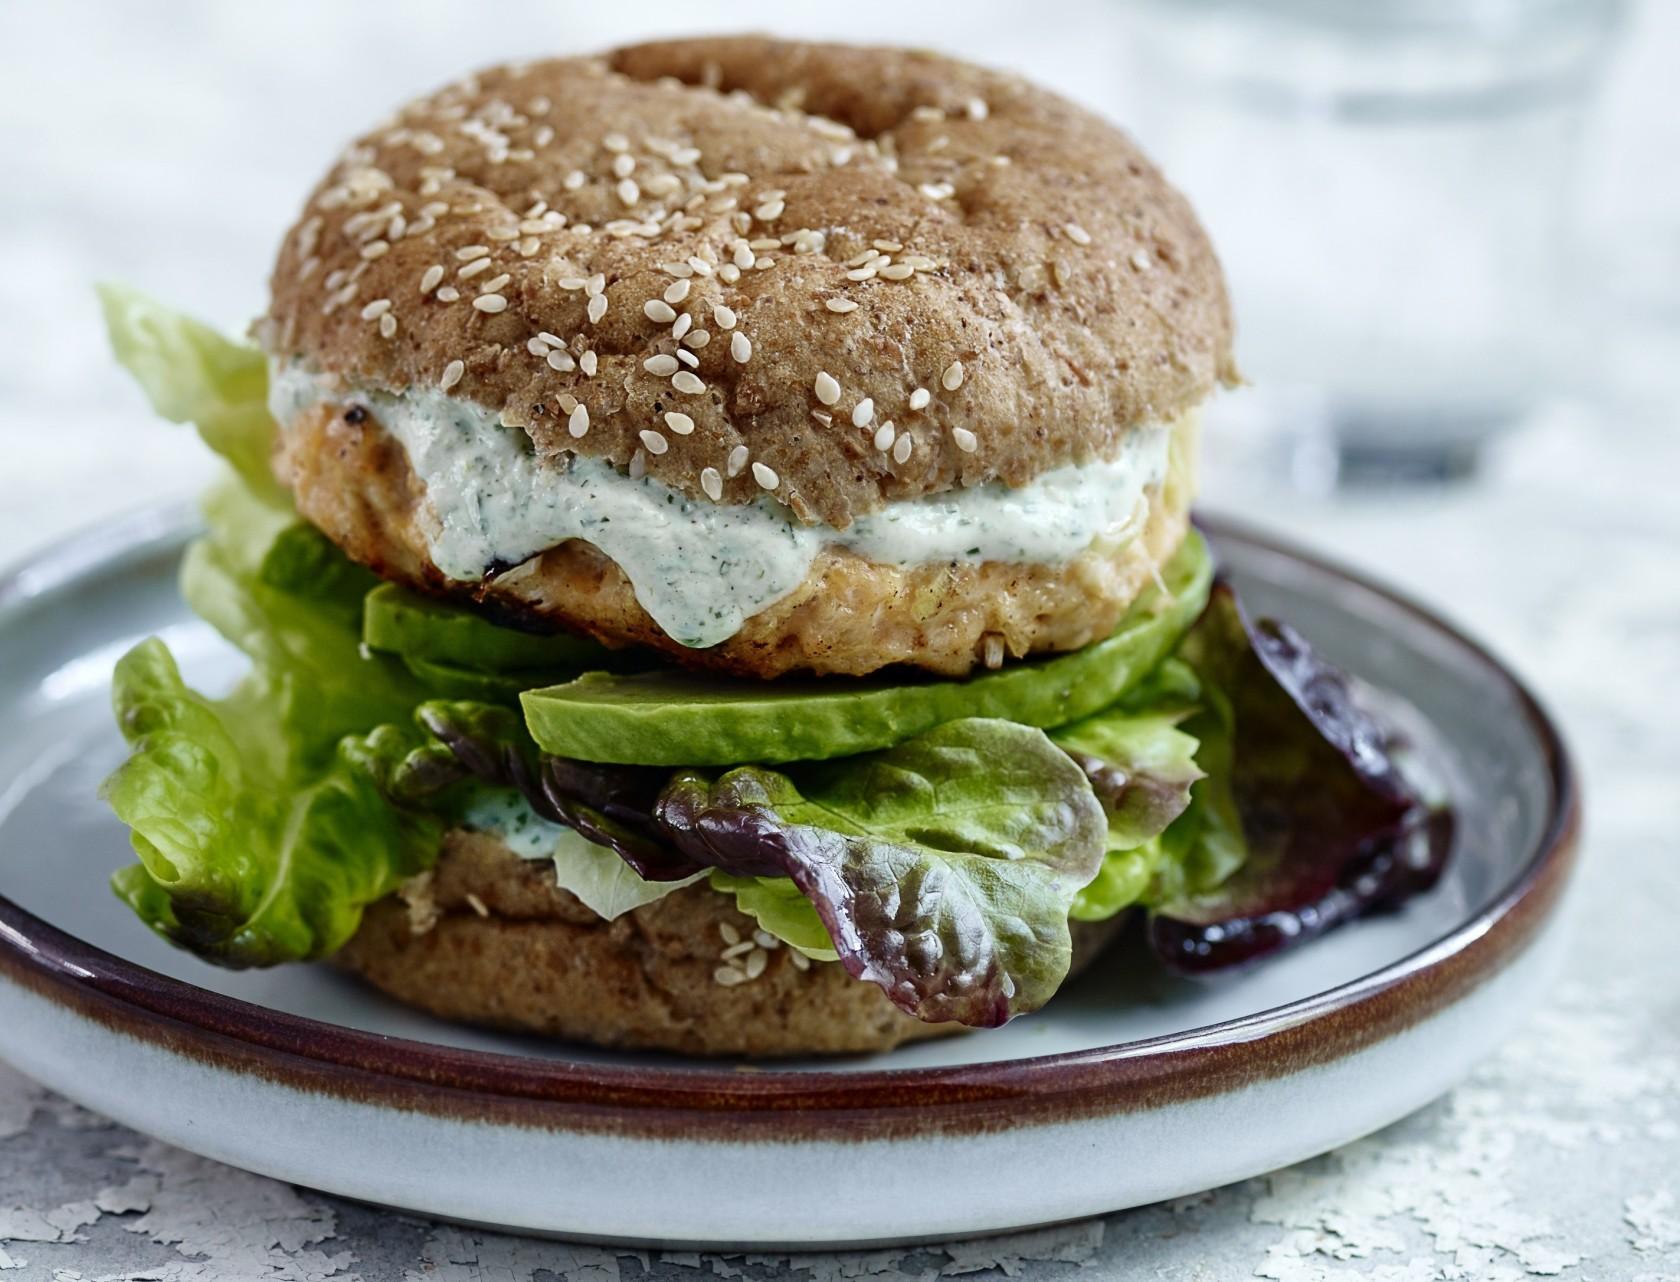 Burger med lakse - nem og lækker opskrift